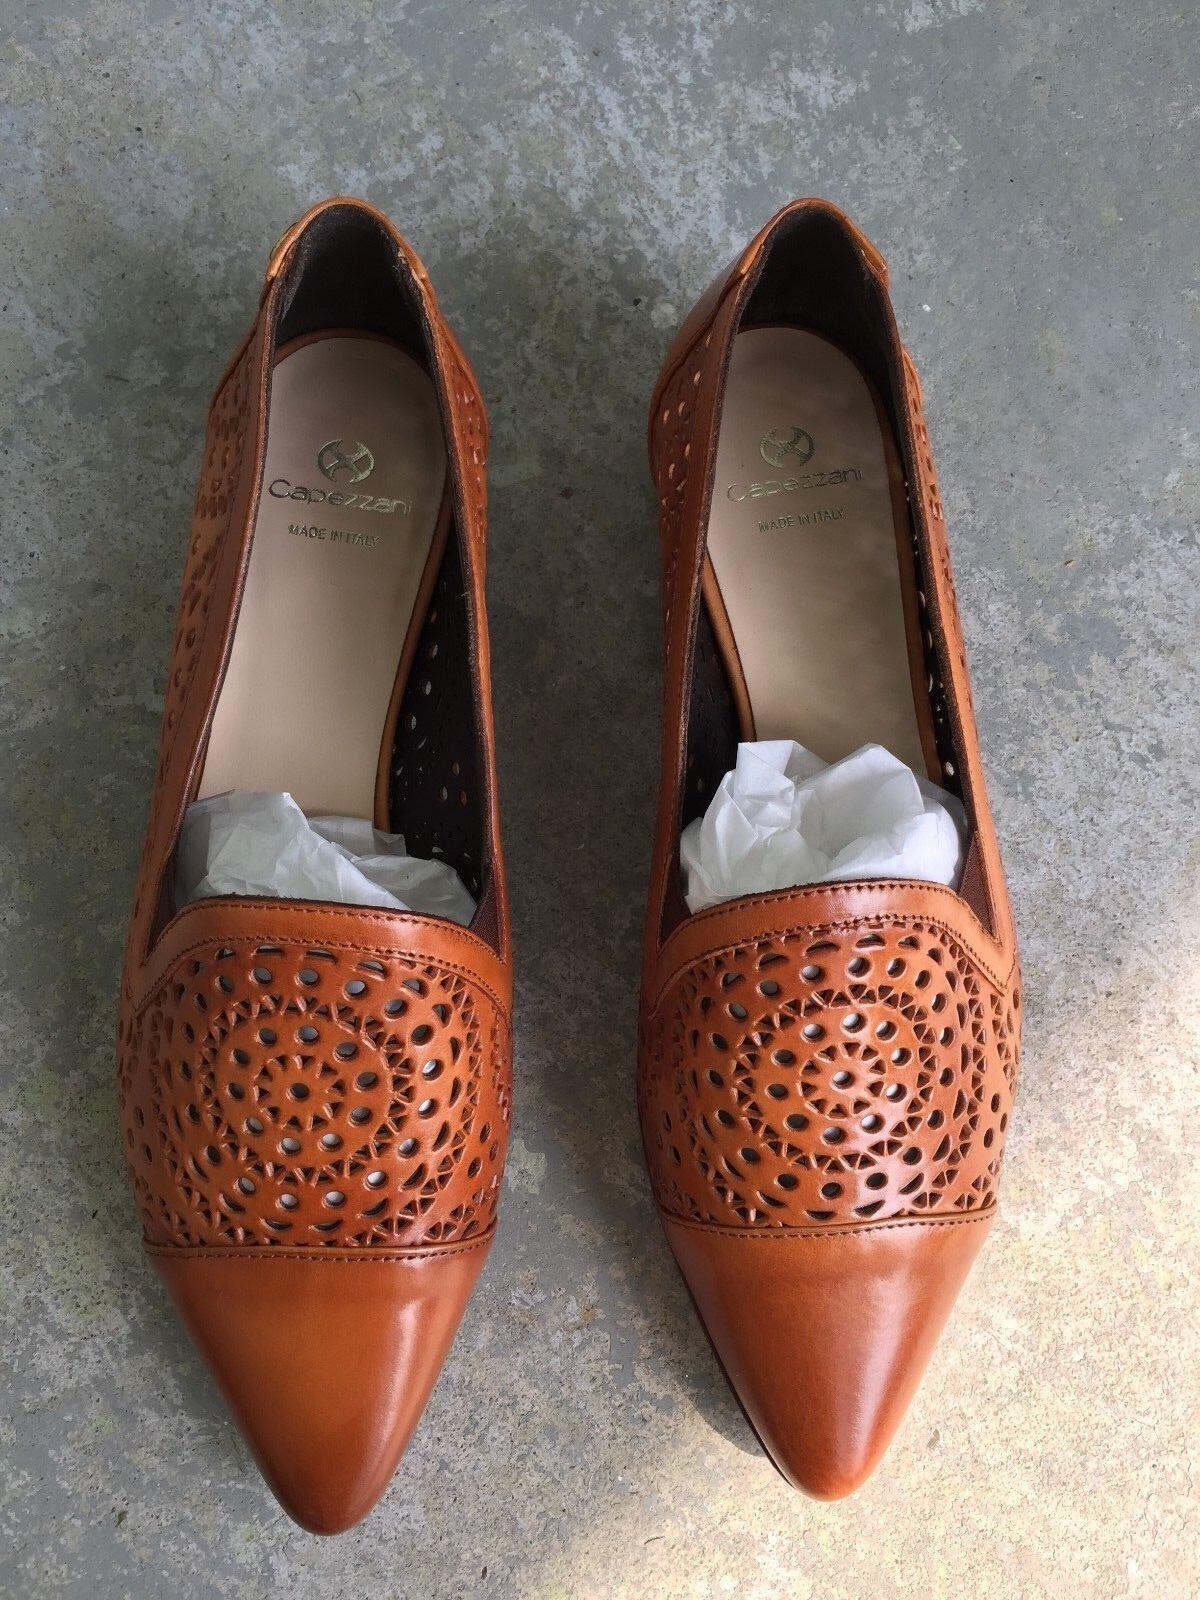 ordina ora i prezzi più bassi NIB CAPEZZANI CAPEZZANI CAPEZZANI Dimensione 37 7 Marrone Laser Cut Design Leather Flats scarpe Made In   risparmia fino al 70%